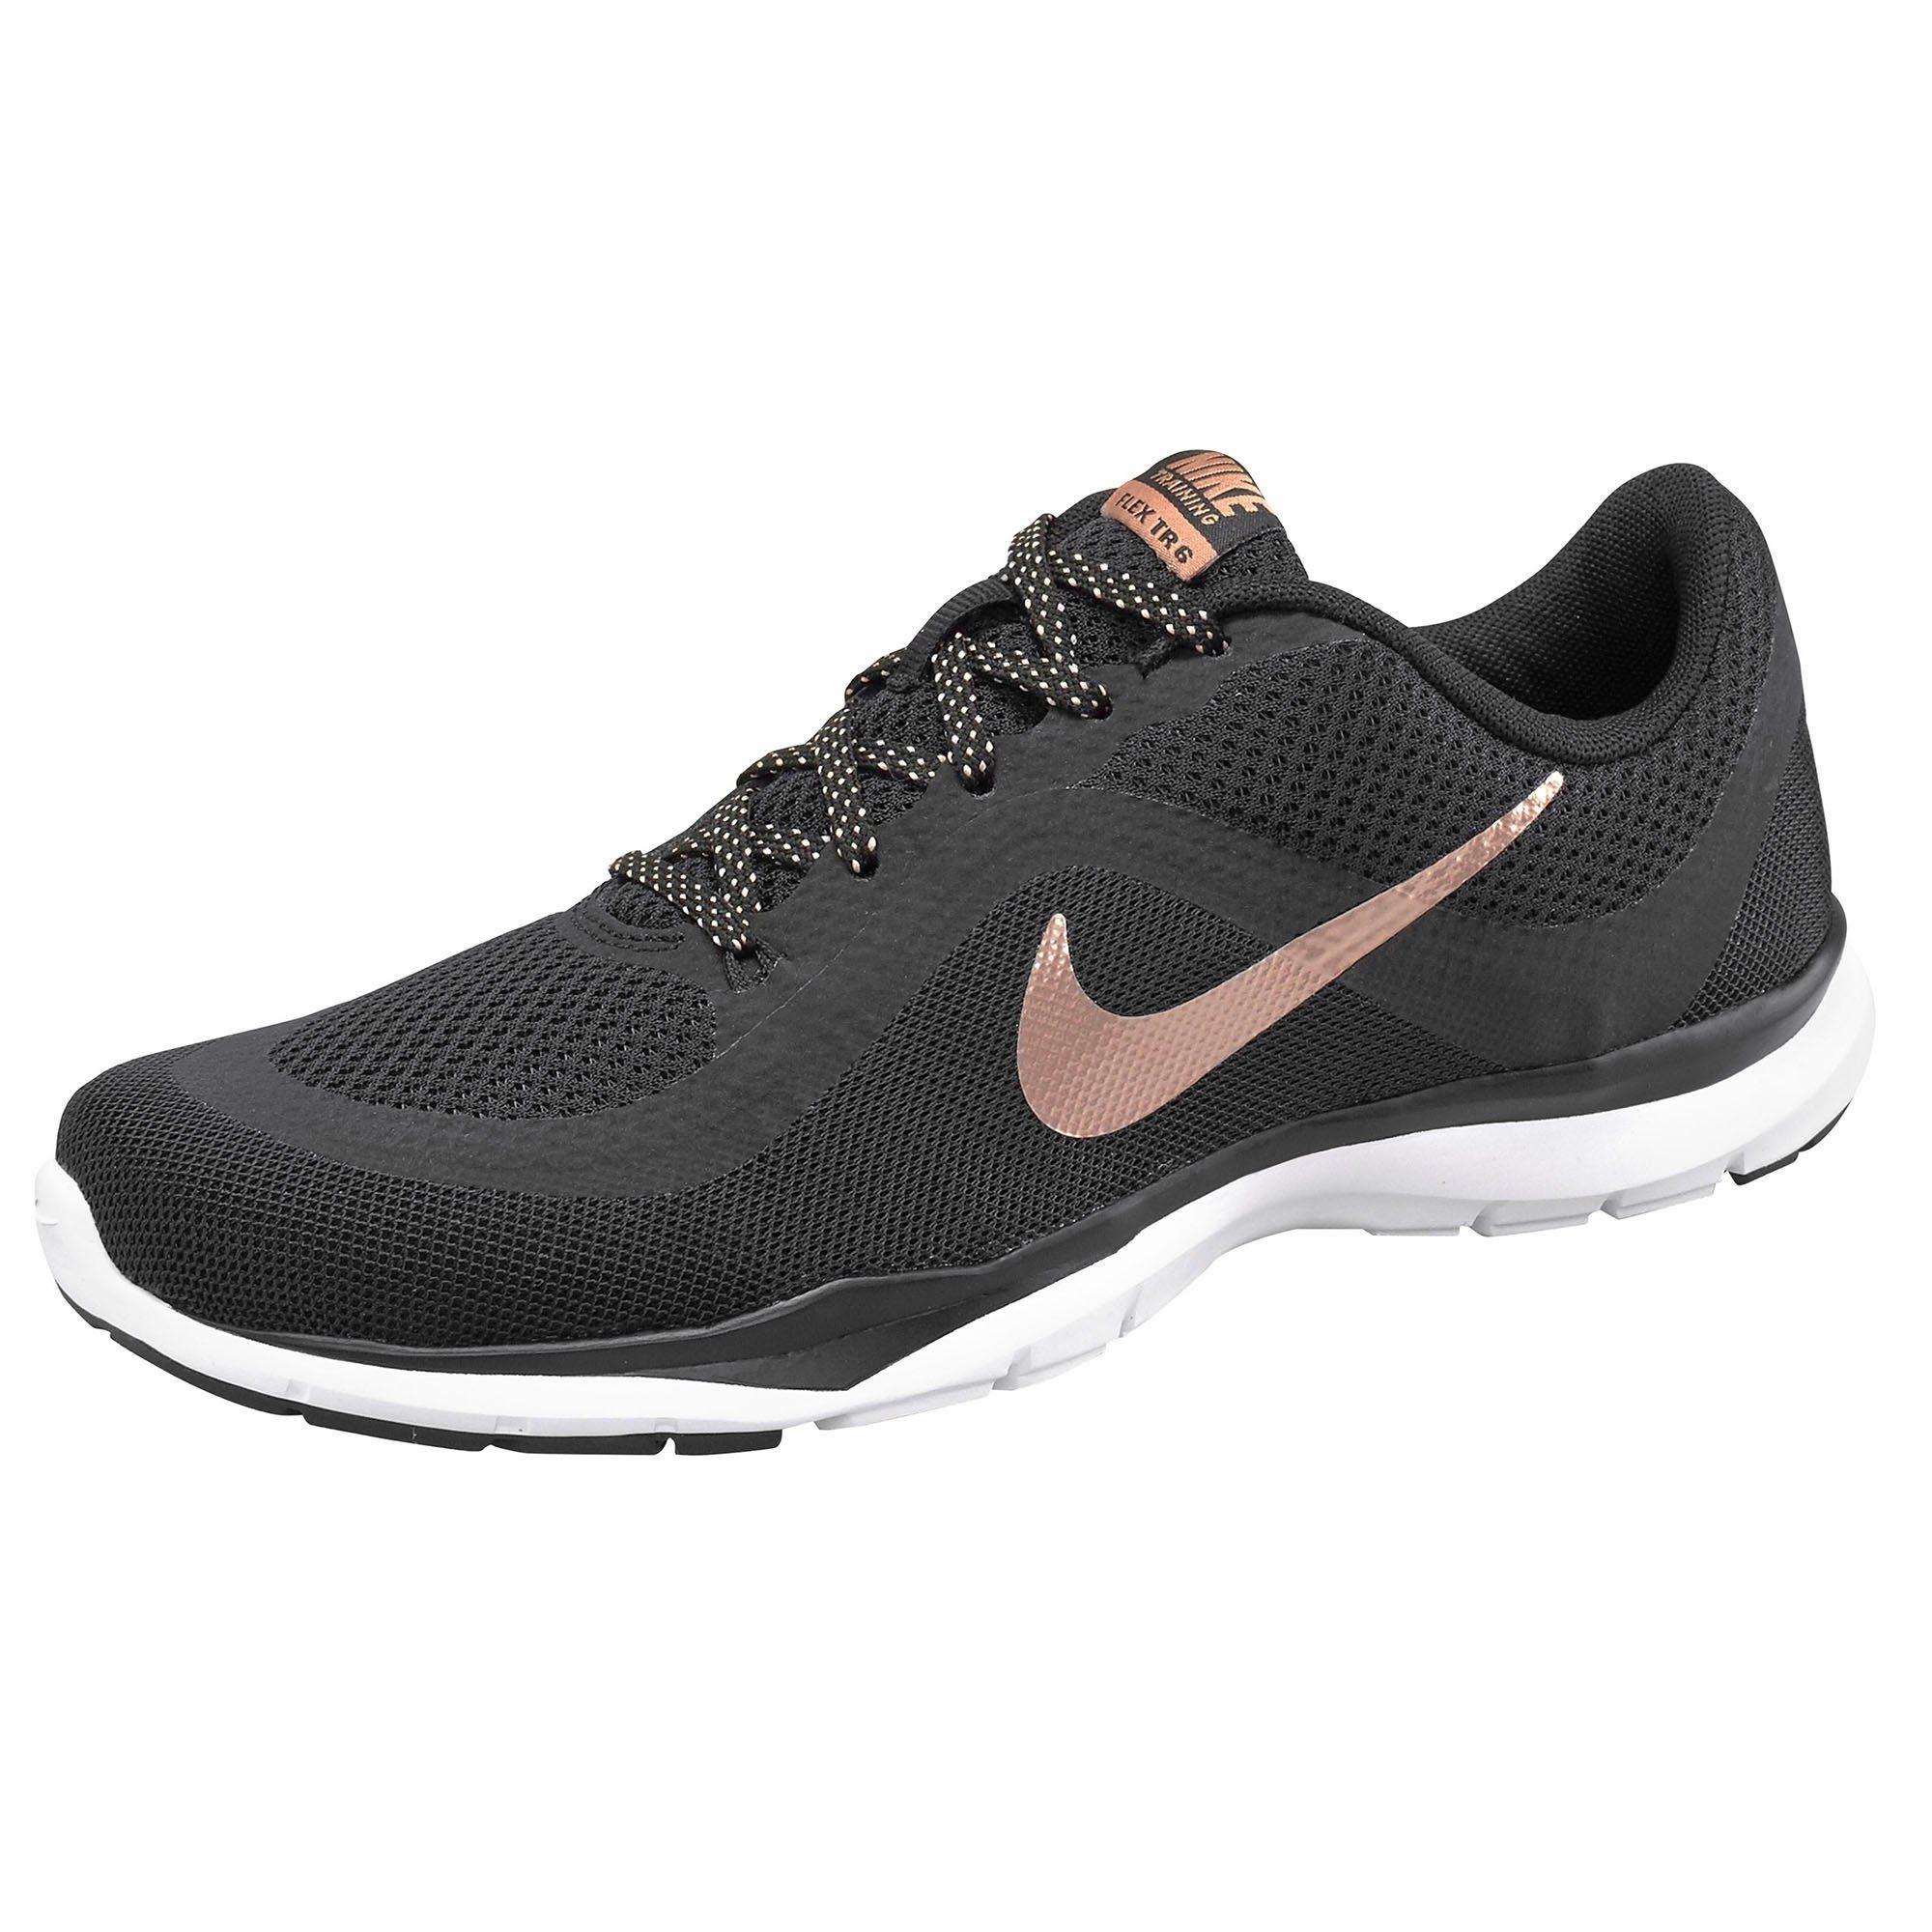 Nike Flex Trainer 6 Wmns chaussures de sport femme. Performante en salle  comme en extérieur. Fitness ShoesNike ...